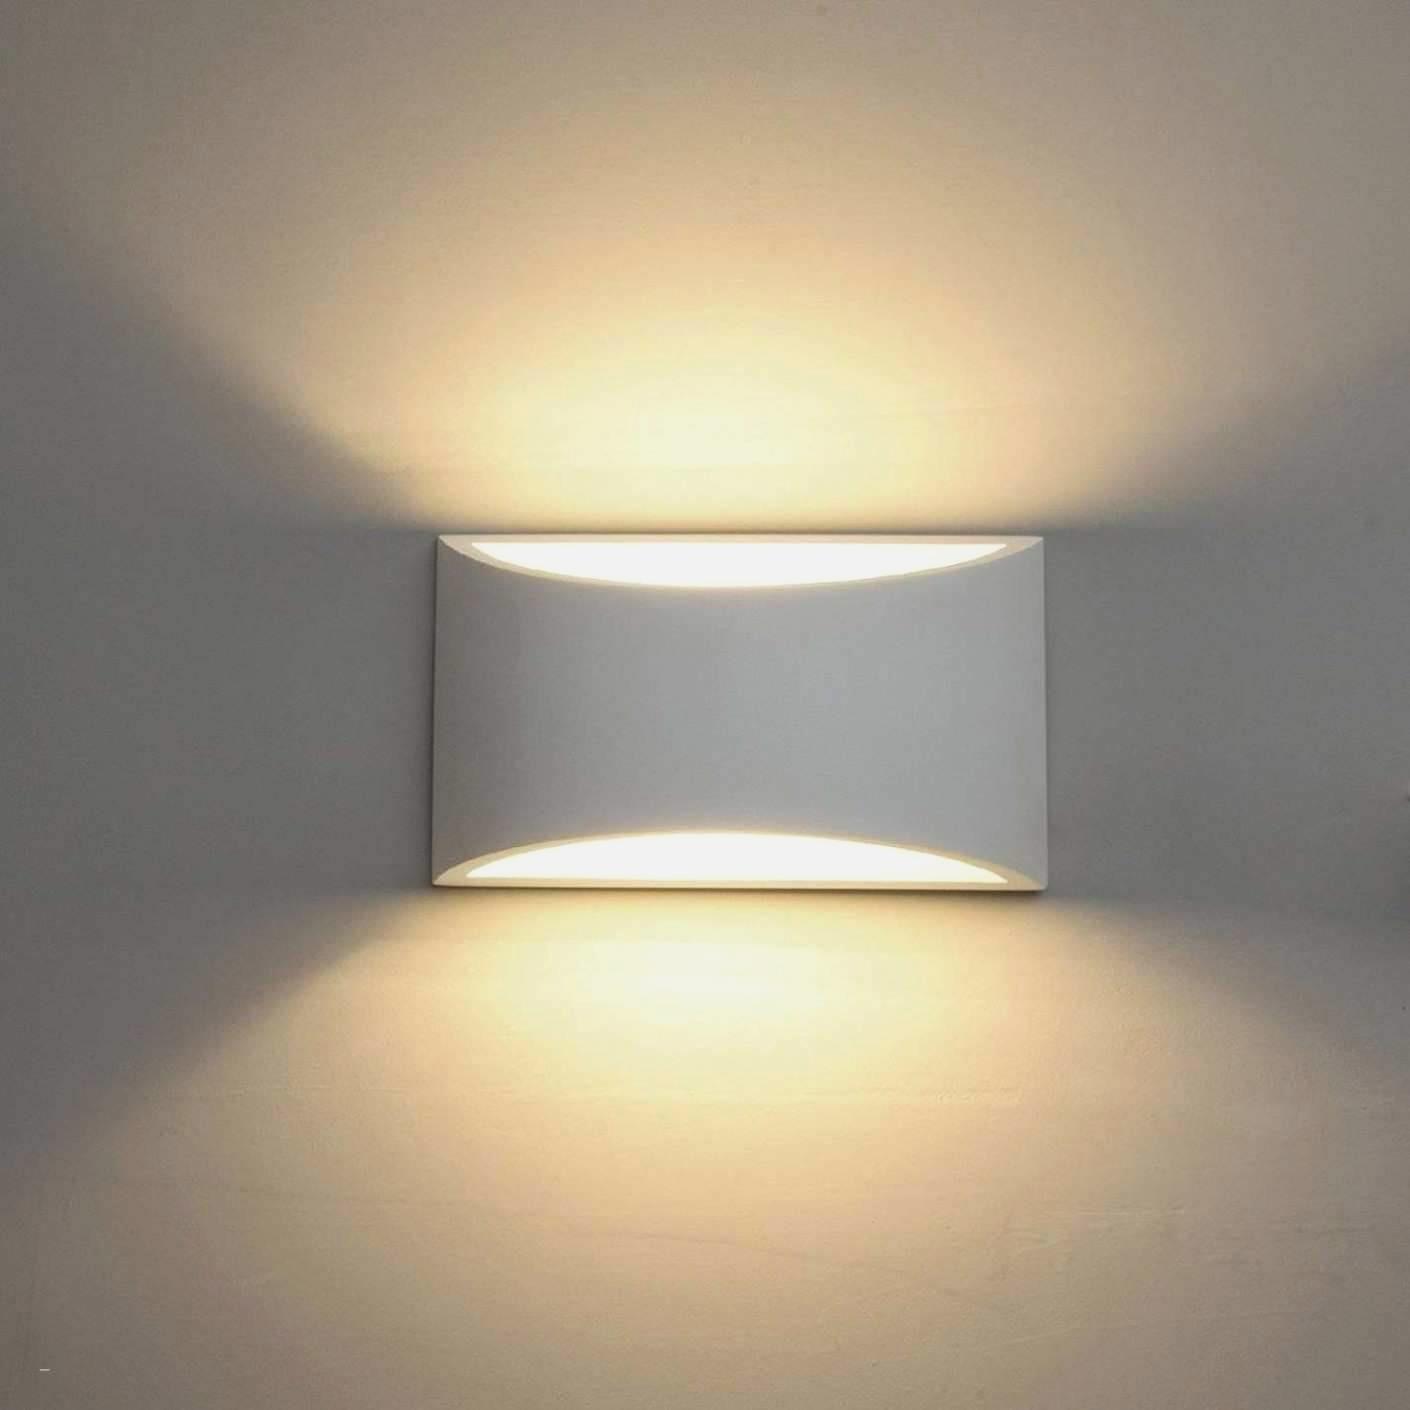 Full Size of Deckenlampe Led Wohnzimmer Bad Lampen Decken Gardinen Anbauwand Kunstleder Sofa Weiß Deckenleuchte Deckenlampen Lampe Esstisch Kamin Tisch Bilder Modern Wohnzimmer Deckenlampe Led Wohnzimmer